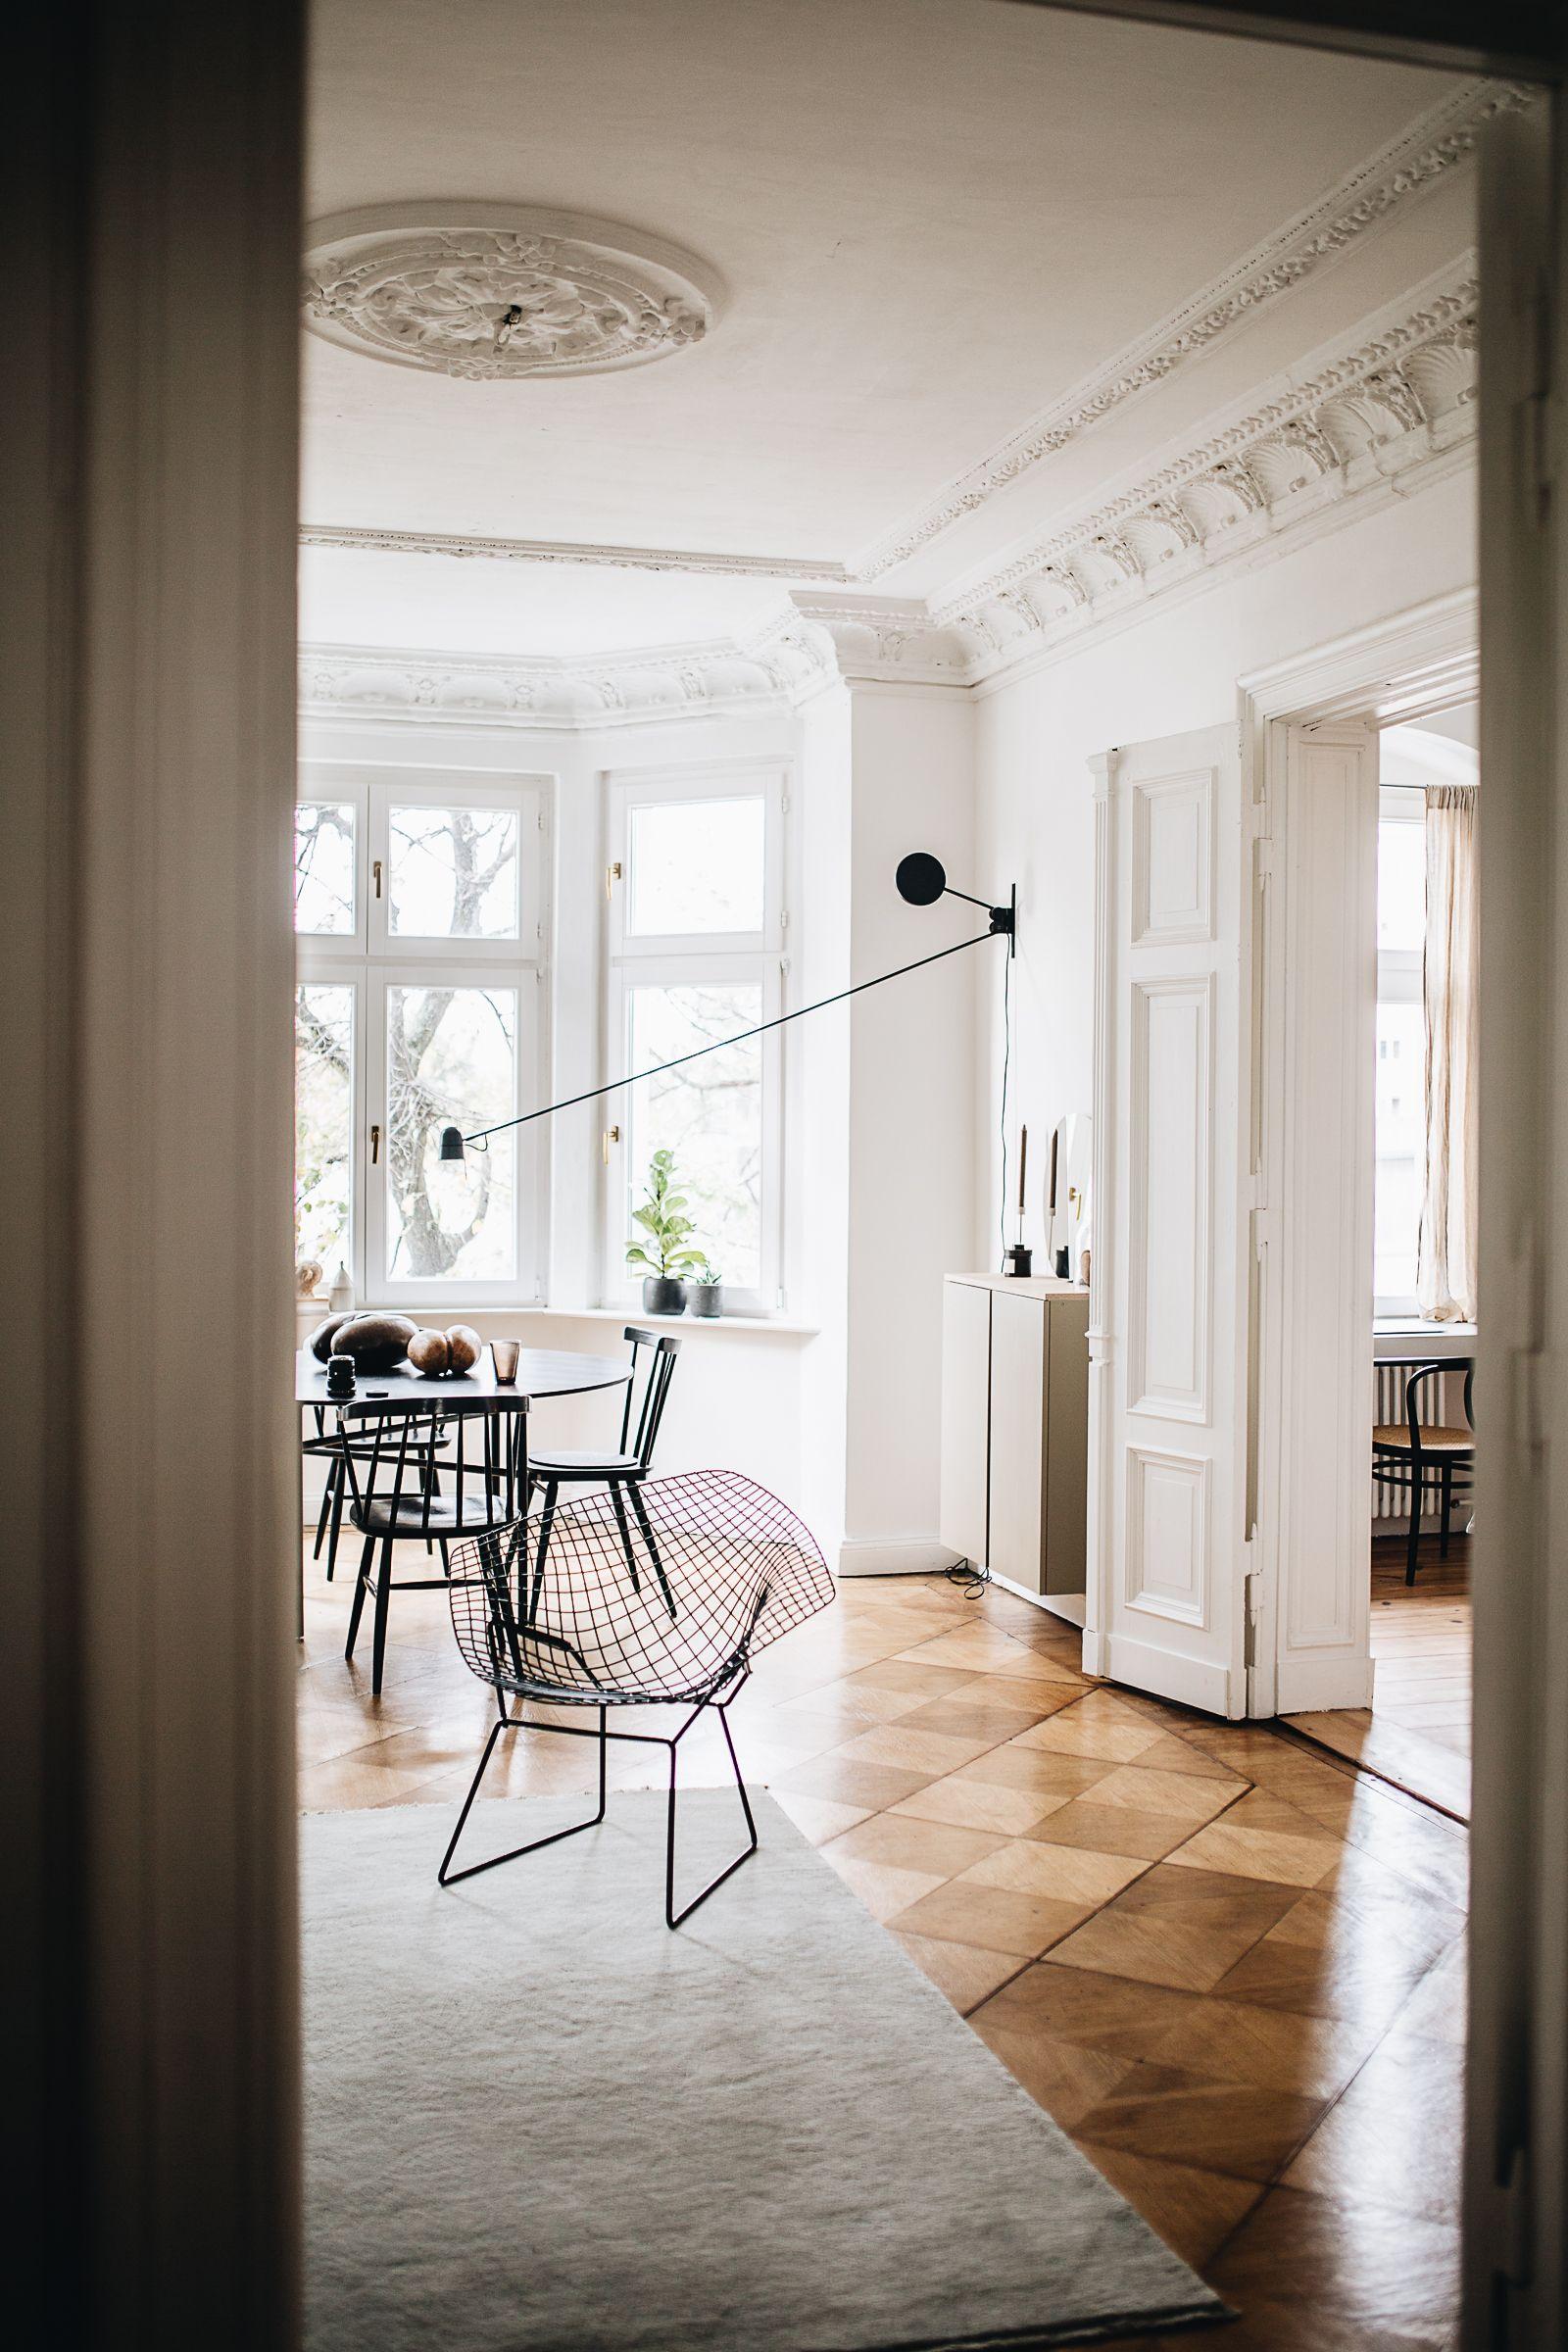 zu besuch bei selina lauck einrichtung pinterest skandinavischer stil altbauten und. Black Bedroom Furniture Sets. Home Design Ideas